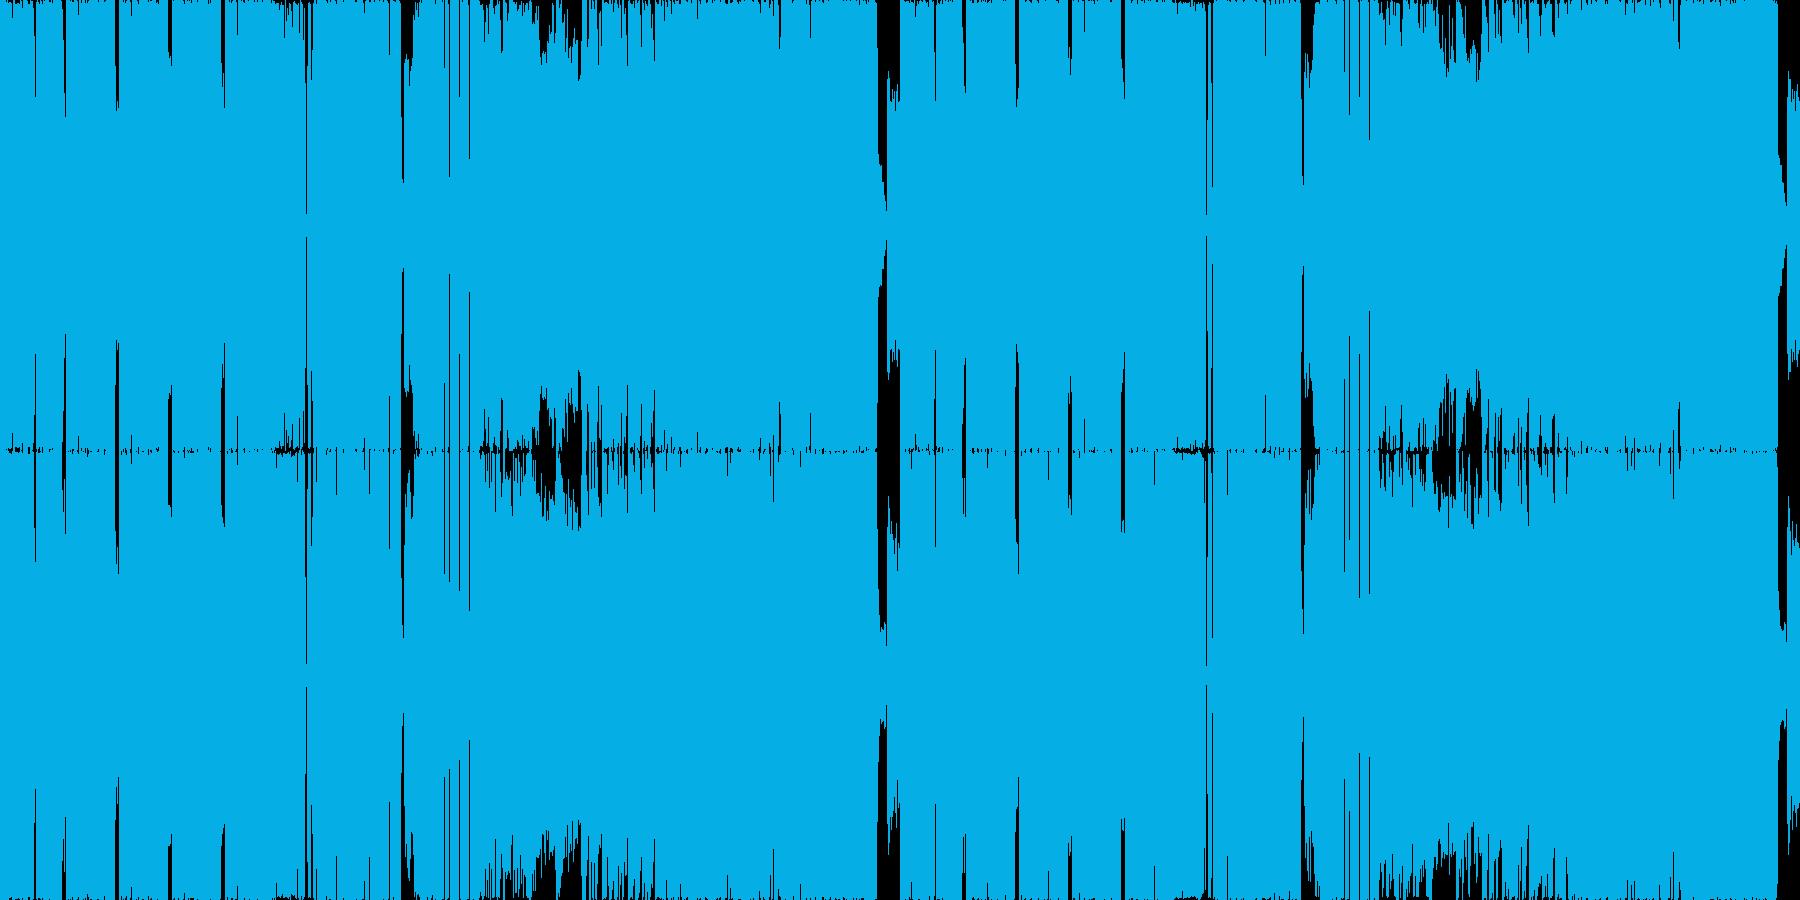 ホラー:お化けが演奏するラウドロックの再生済みの波形